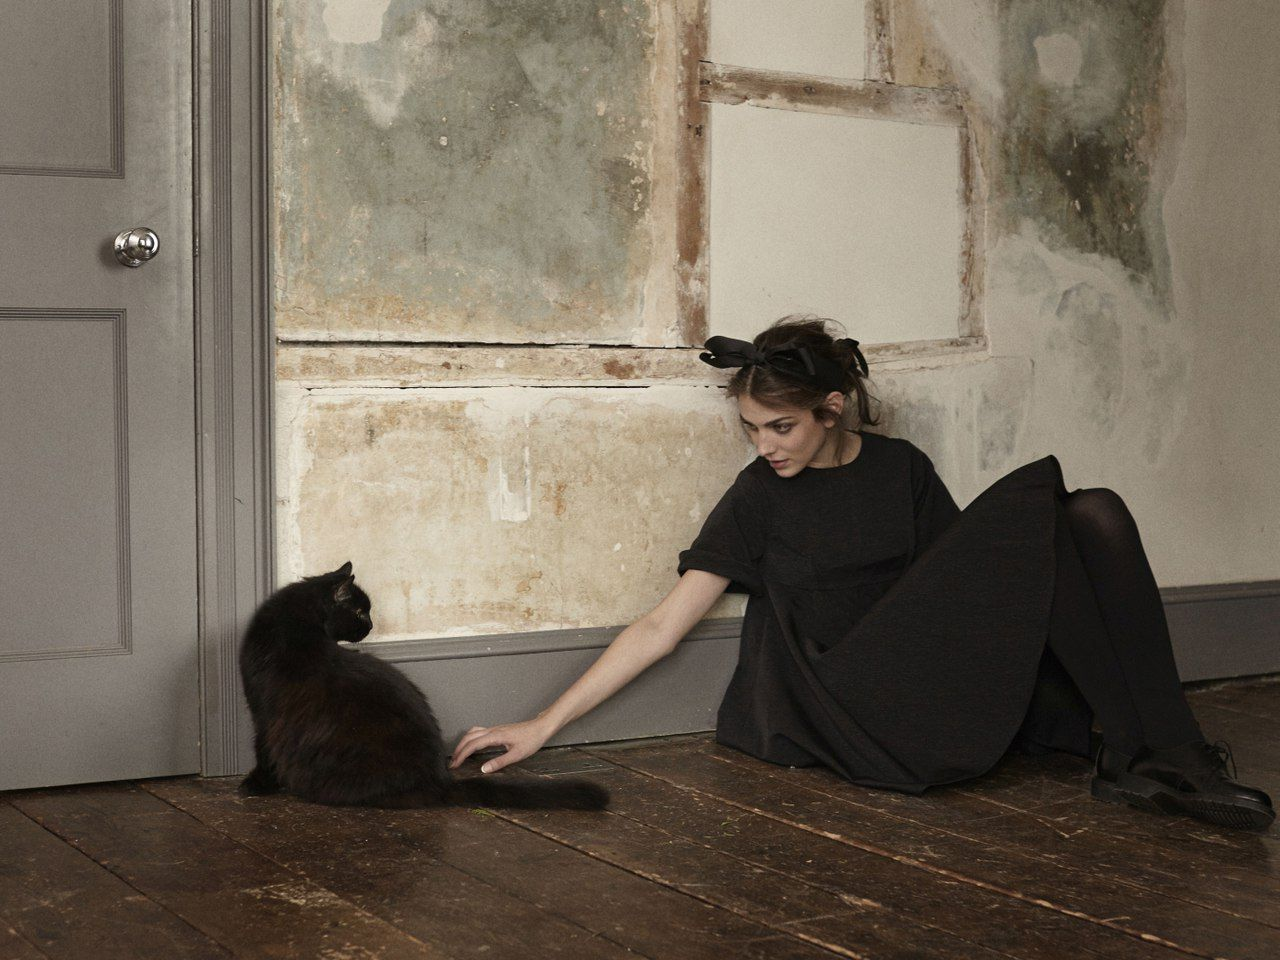 нашей ведьма с кошкой фото услышит всевышний твои